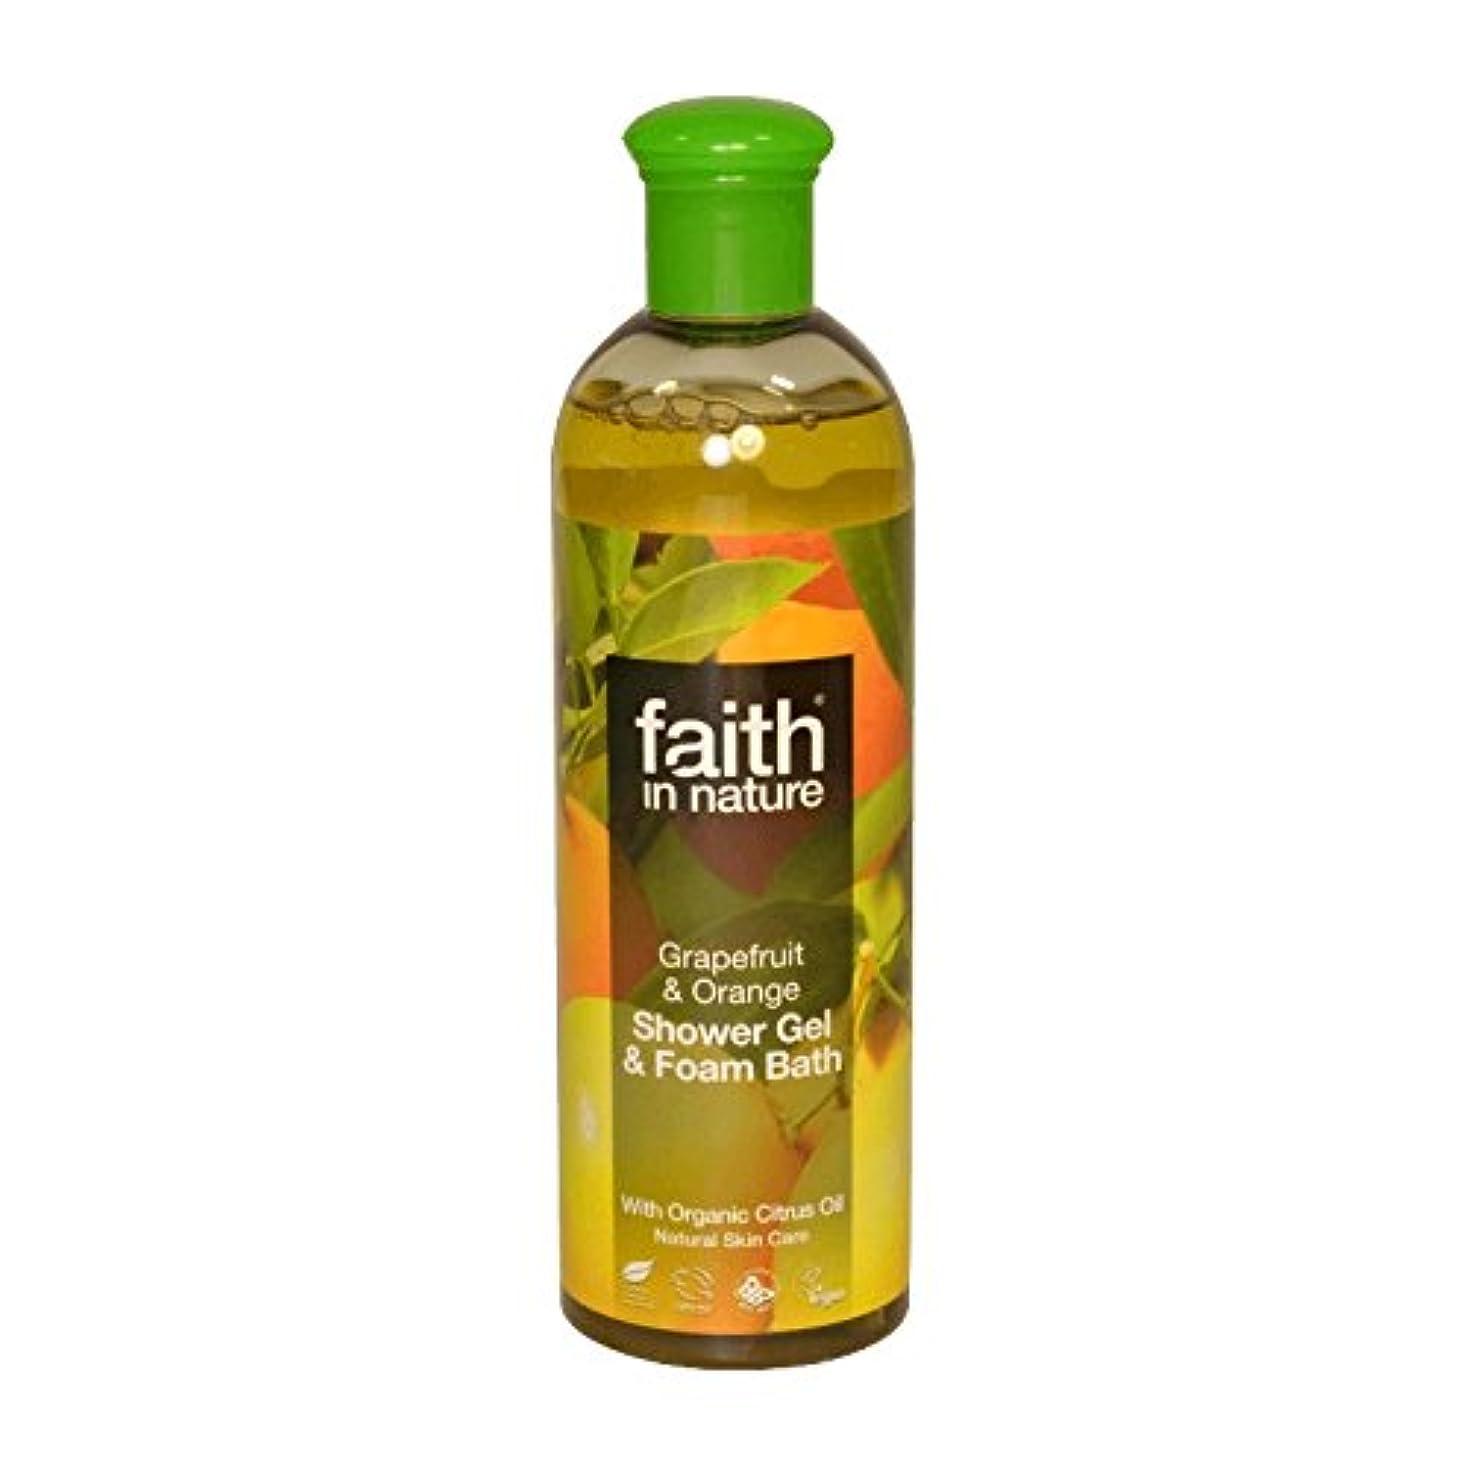 アロングテレックスサスペンションFaith in Nature Grapefruit & Orange Shower Gel & Bath Foam 400ml (Pack of 2) - 自然グレープフルーツ&オレンジシャワージェル&バス泡400ミリリットル...